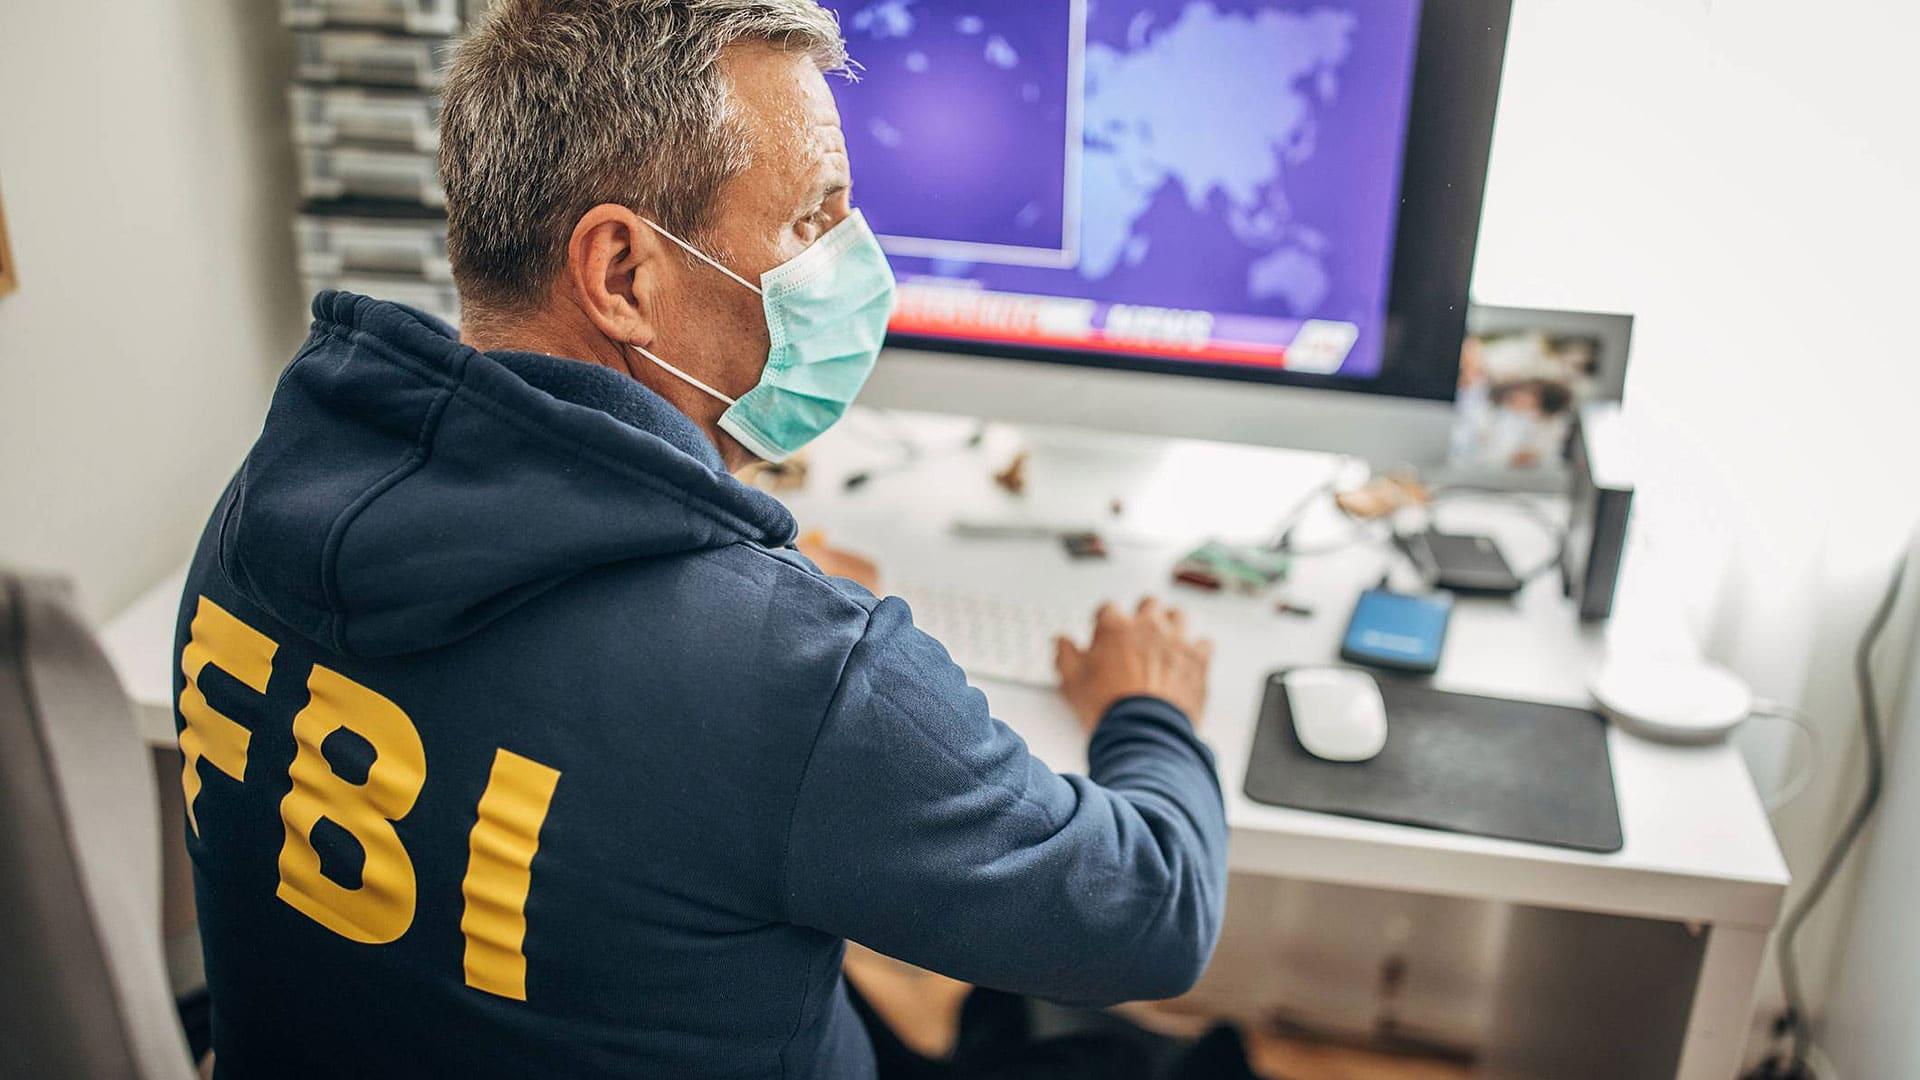 Metrotech Computer Security